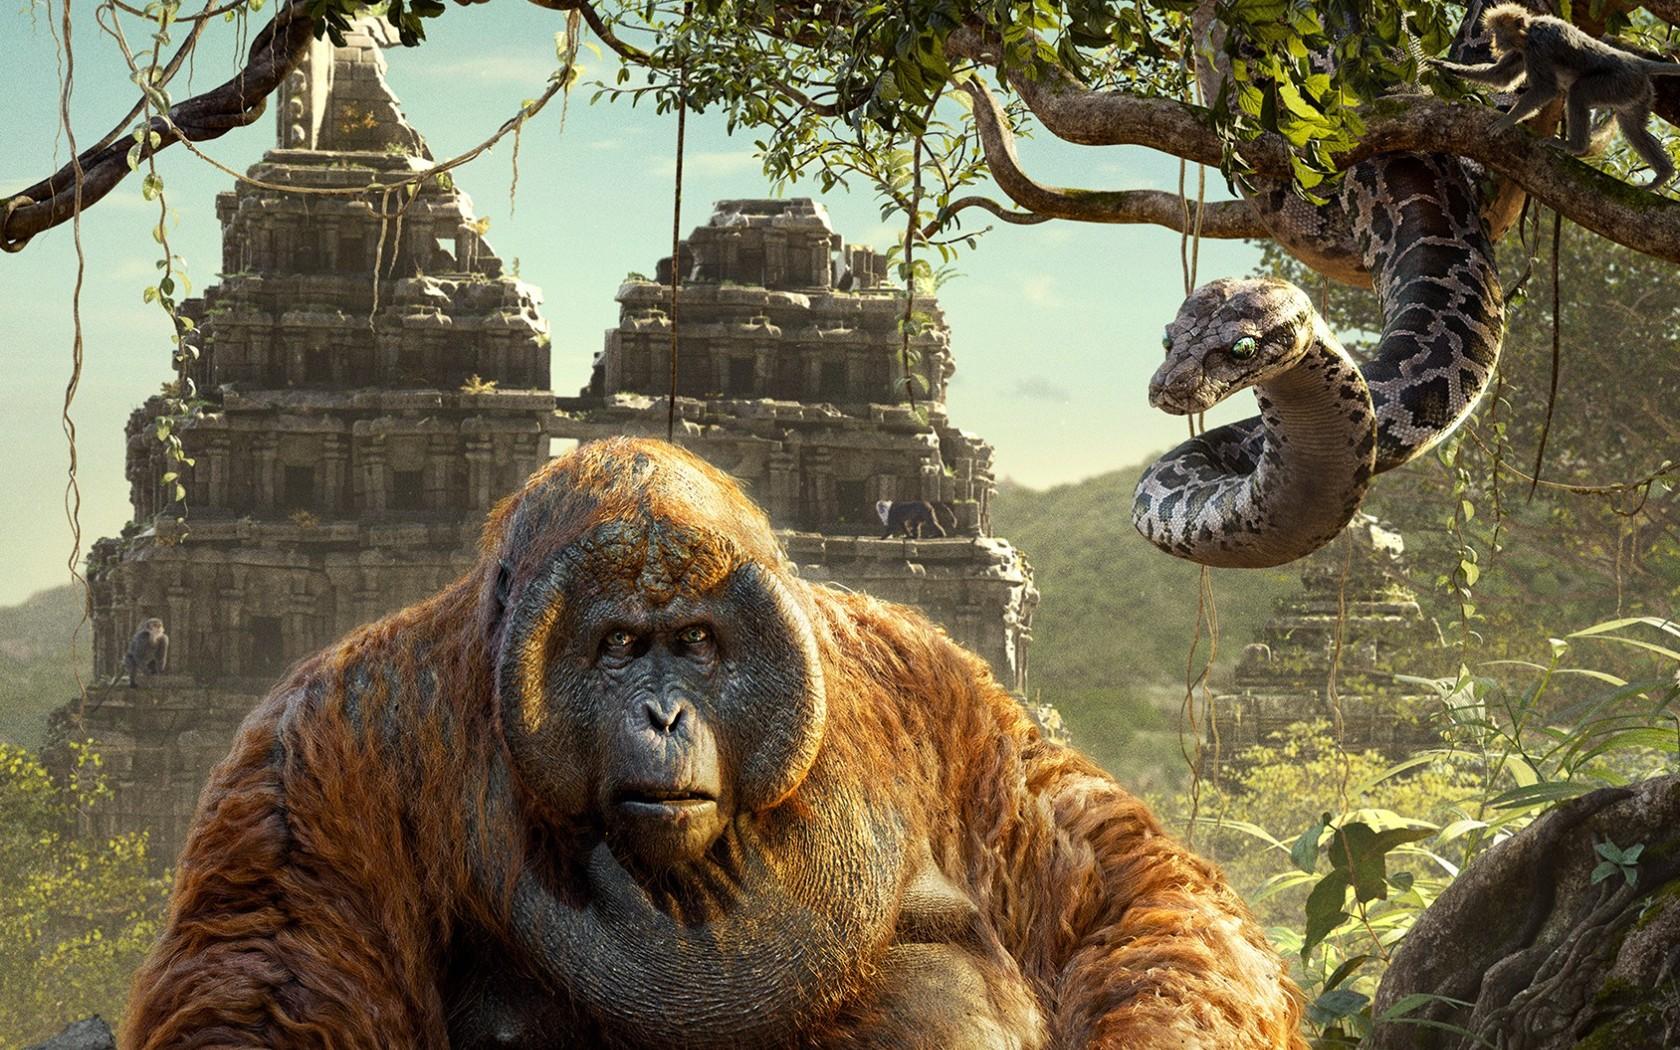 Mowgli Jungle Book Full Song